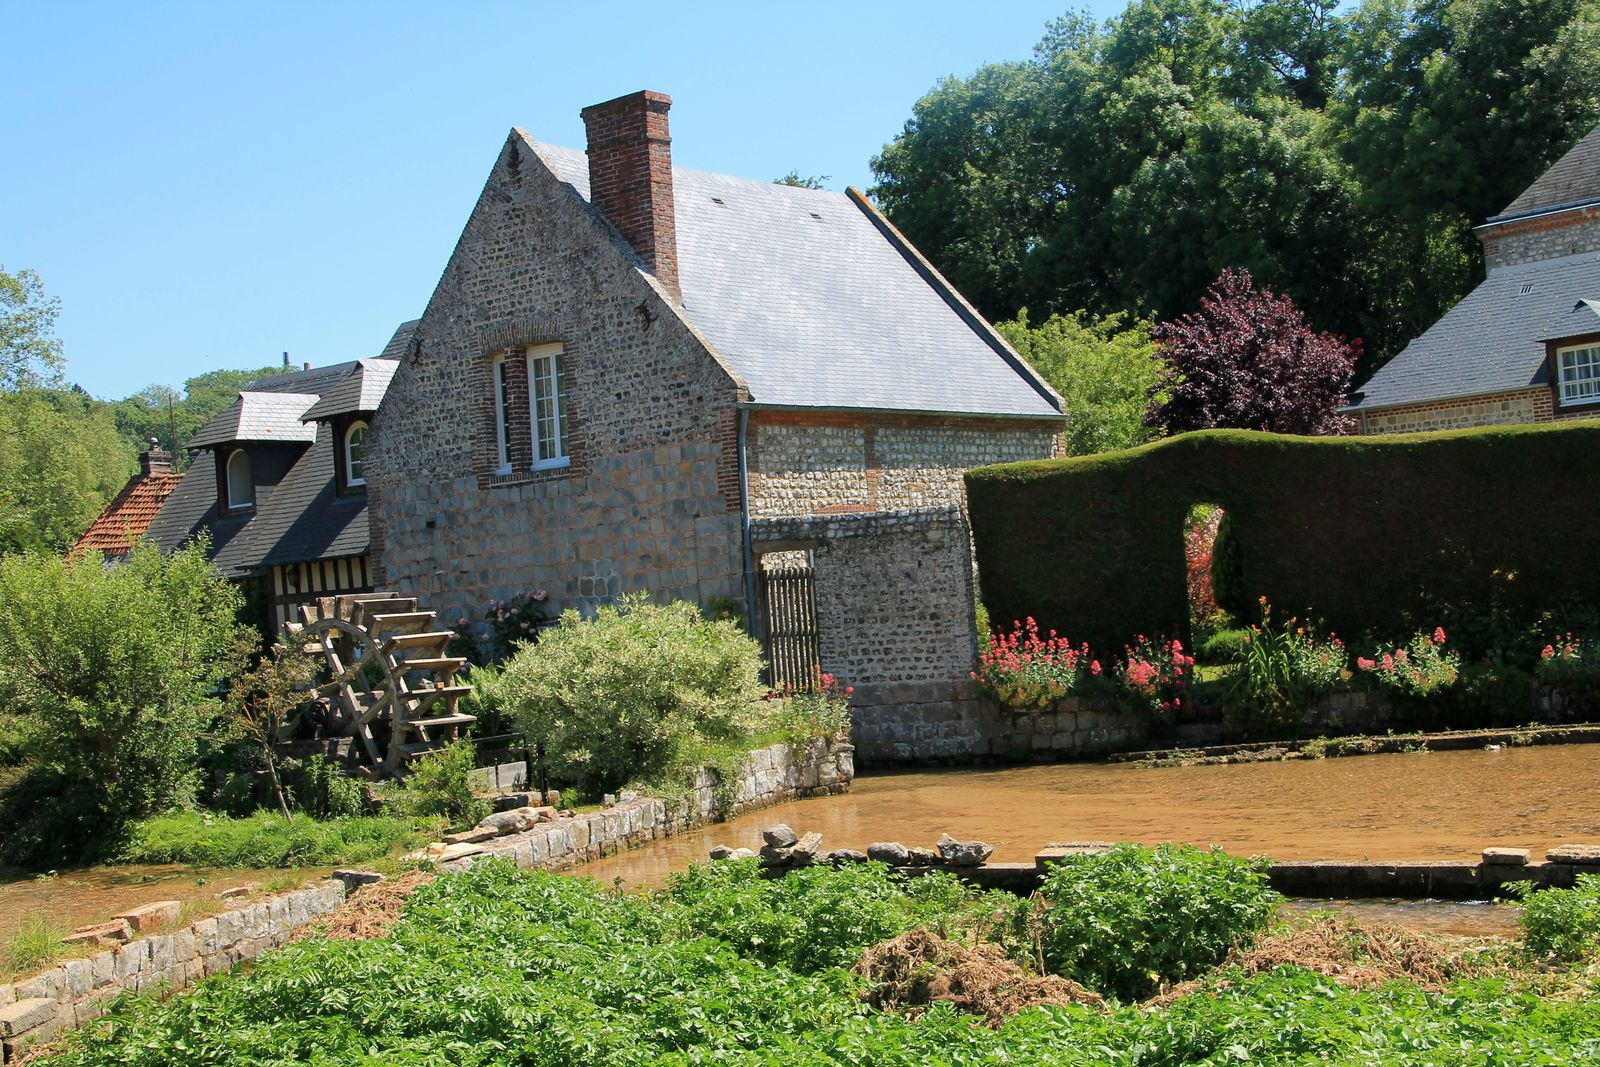 Ravioli de Neufchâtel au thym fleur, bouillon d'herbes du jardin, huile de noisettes - balade normande à Veules les Roses